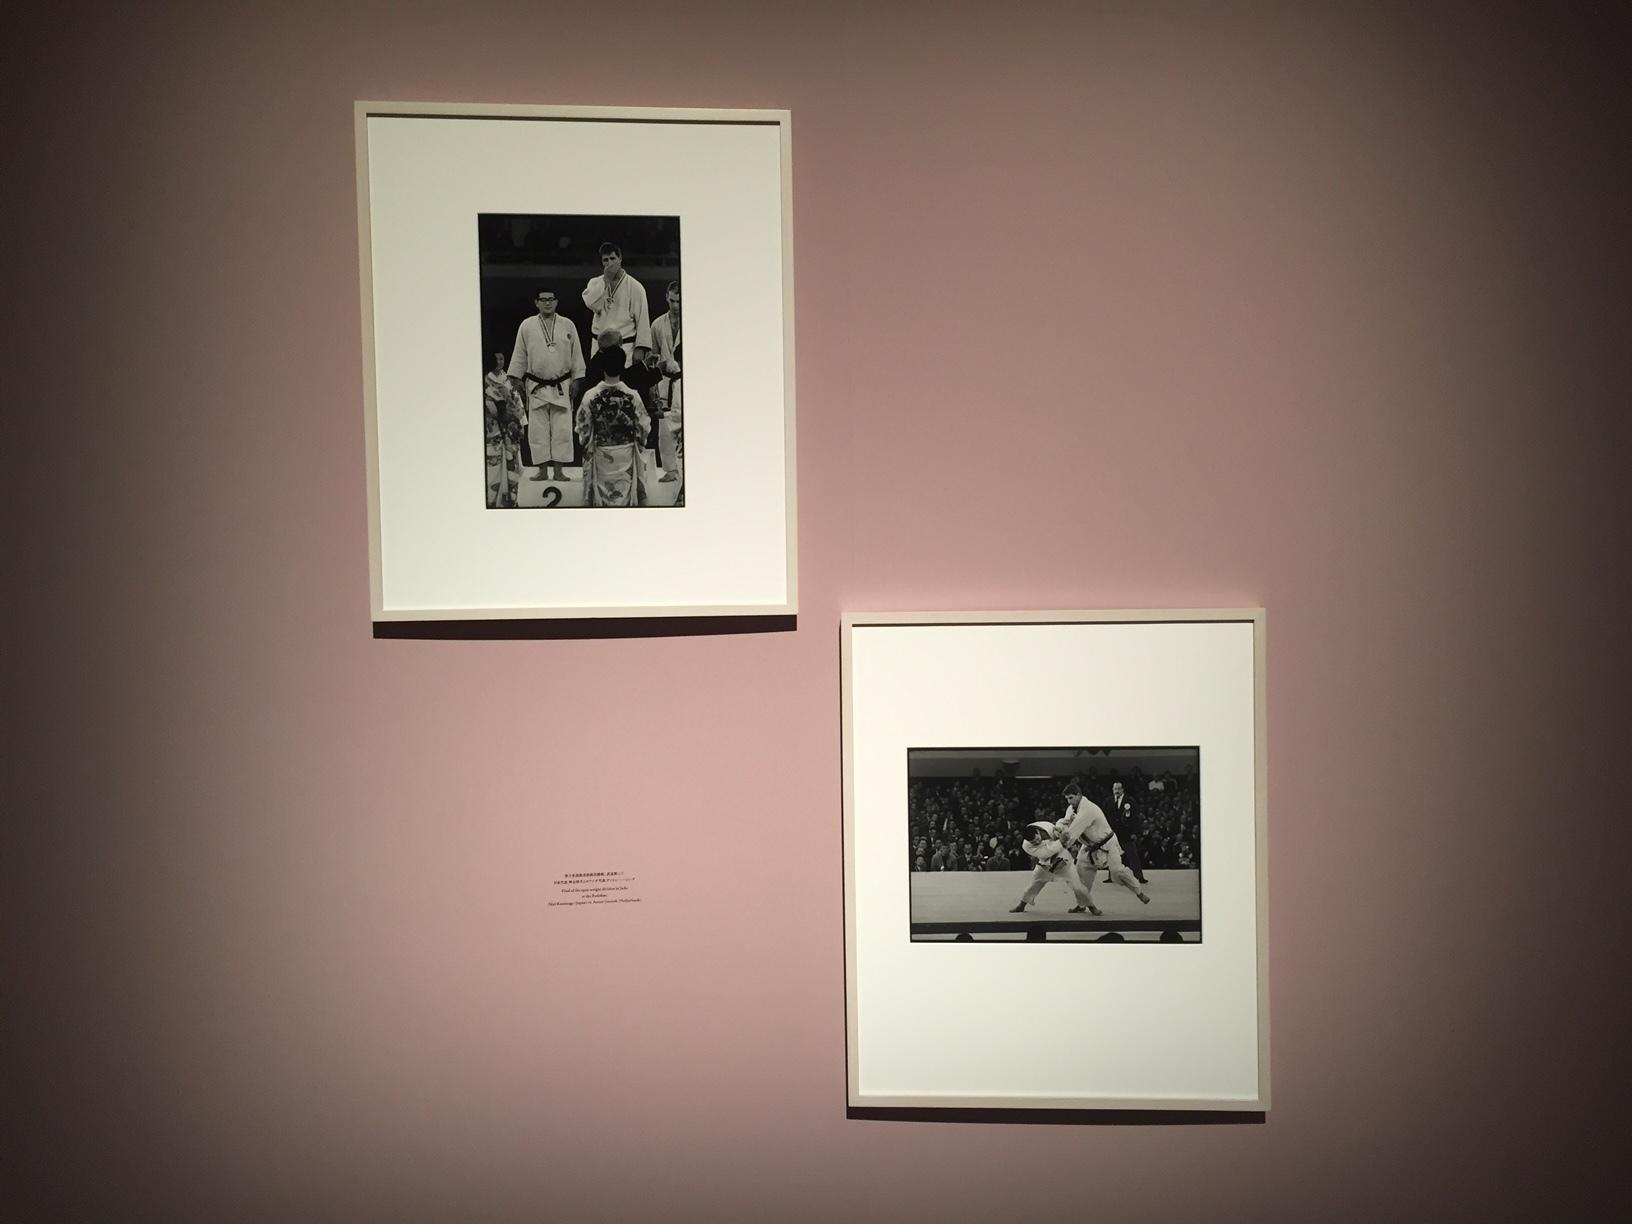 1964年東京オリンピック開催時の写真